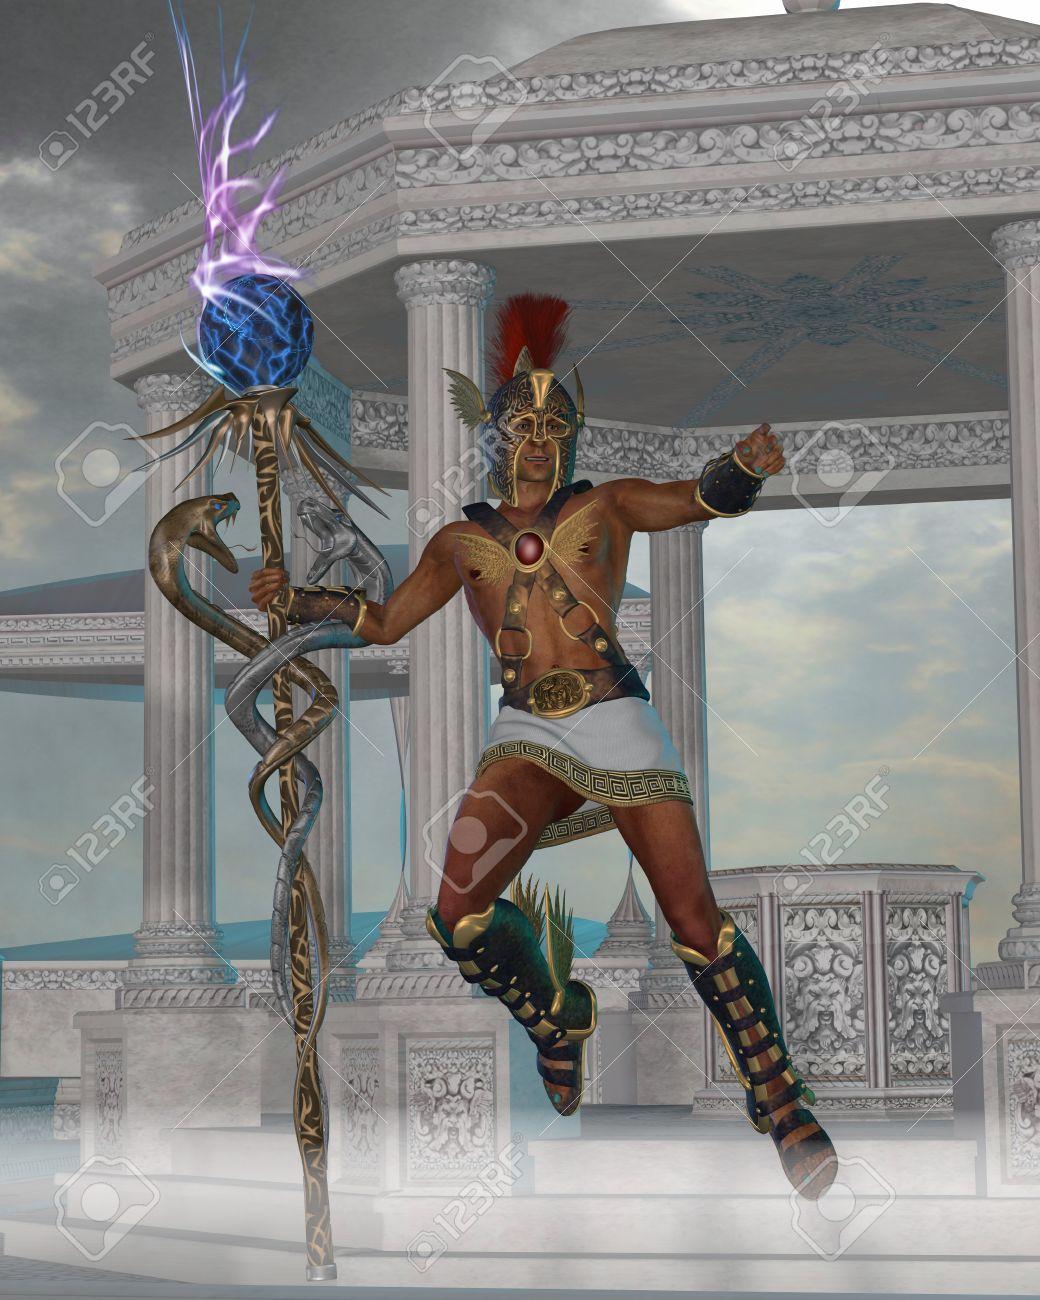 Banque d images - Hermes Messenger aux dieux - Hermès dans la mythologie  grecque est le fils de Zeus et est un dieu de l Olympe et sert de messager  entre ... 76ba6e01aba